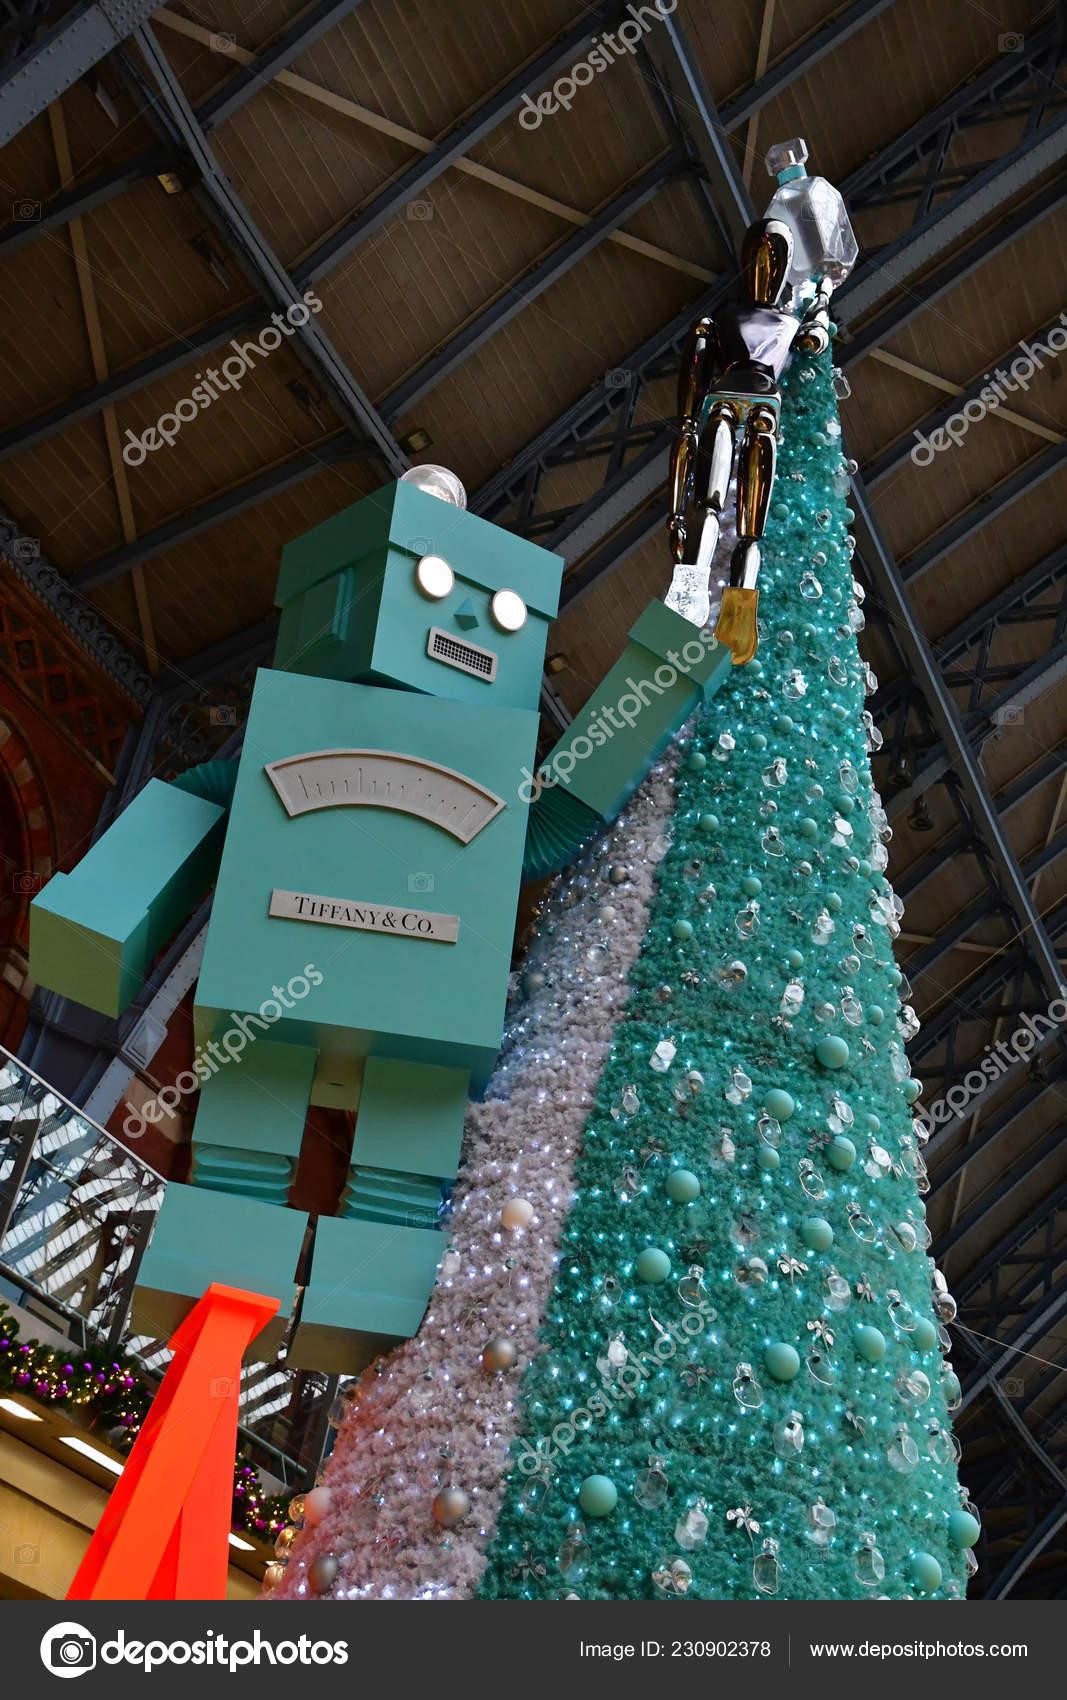 England Christmas Tree.London England November 2018 Christmas Tree Saint Pancras